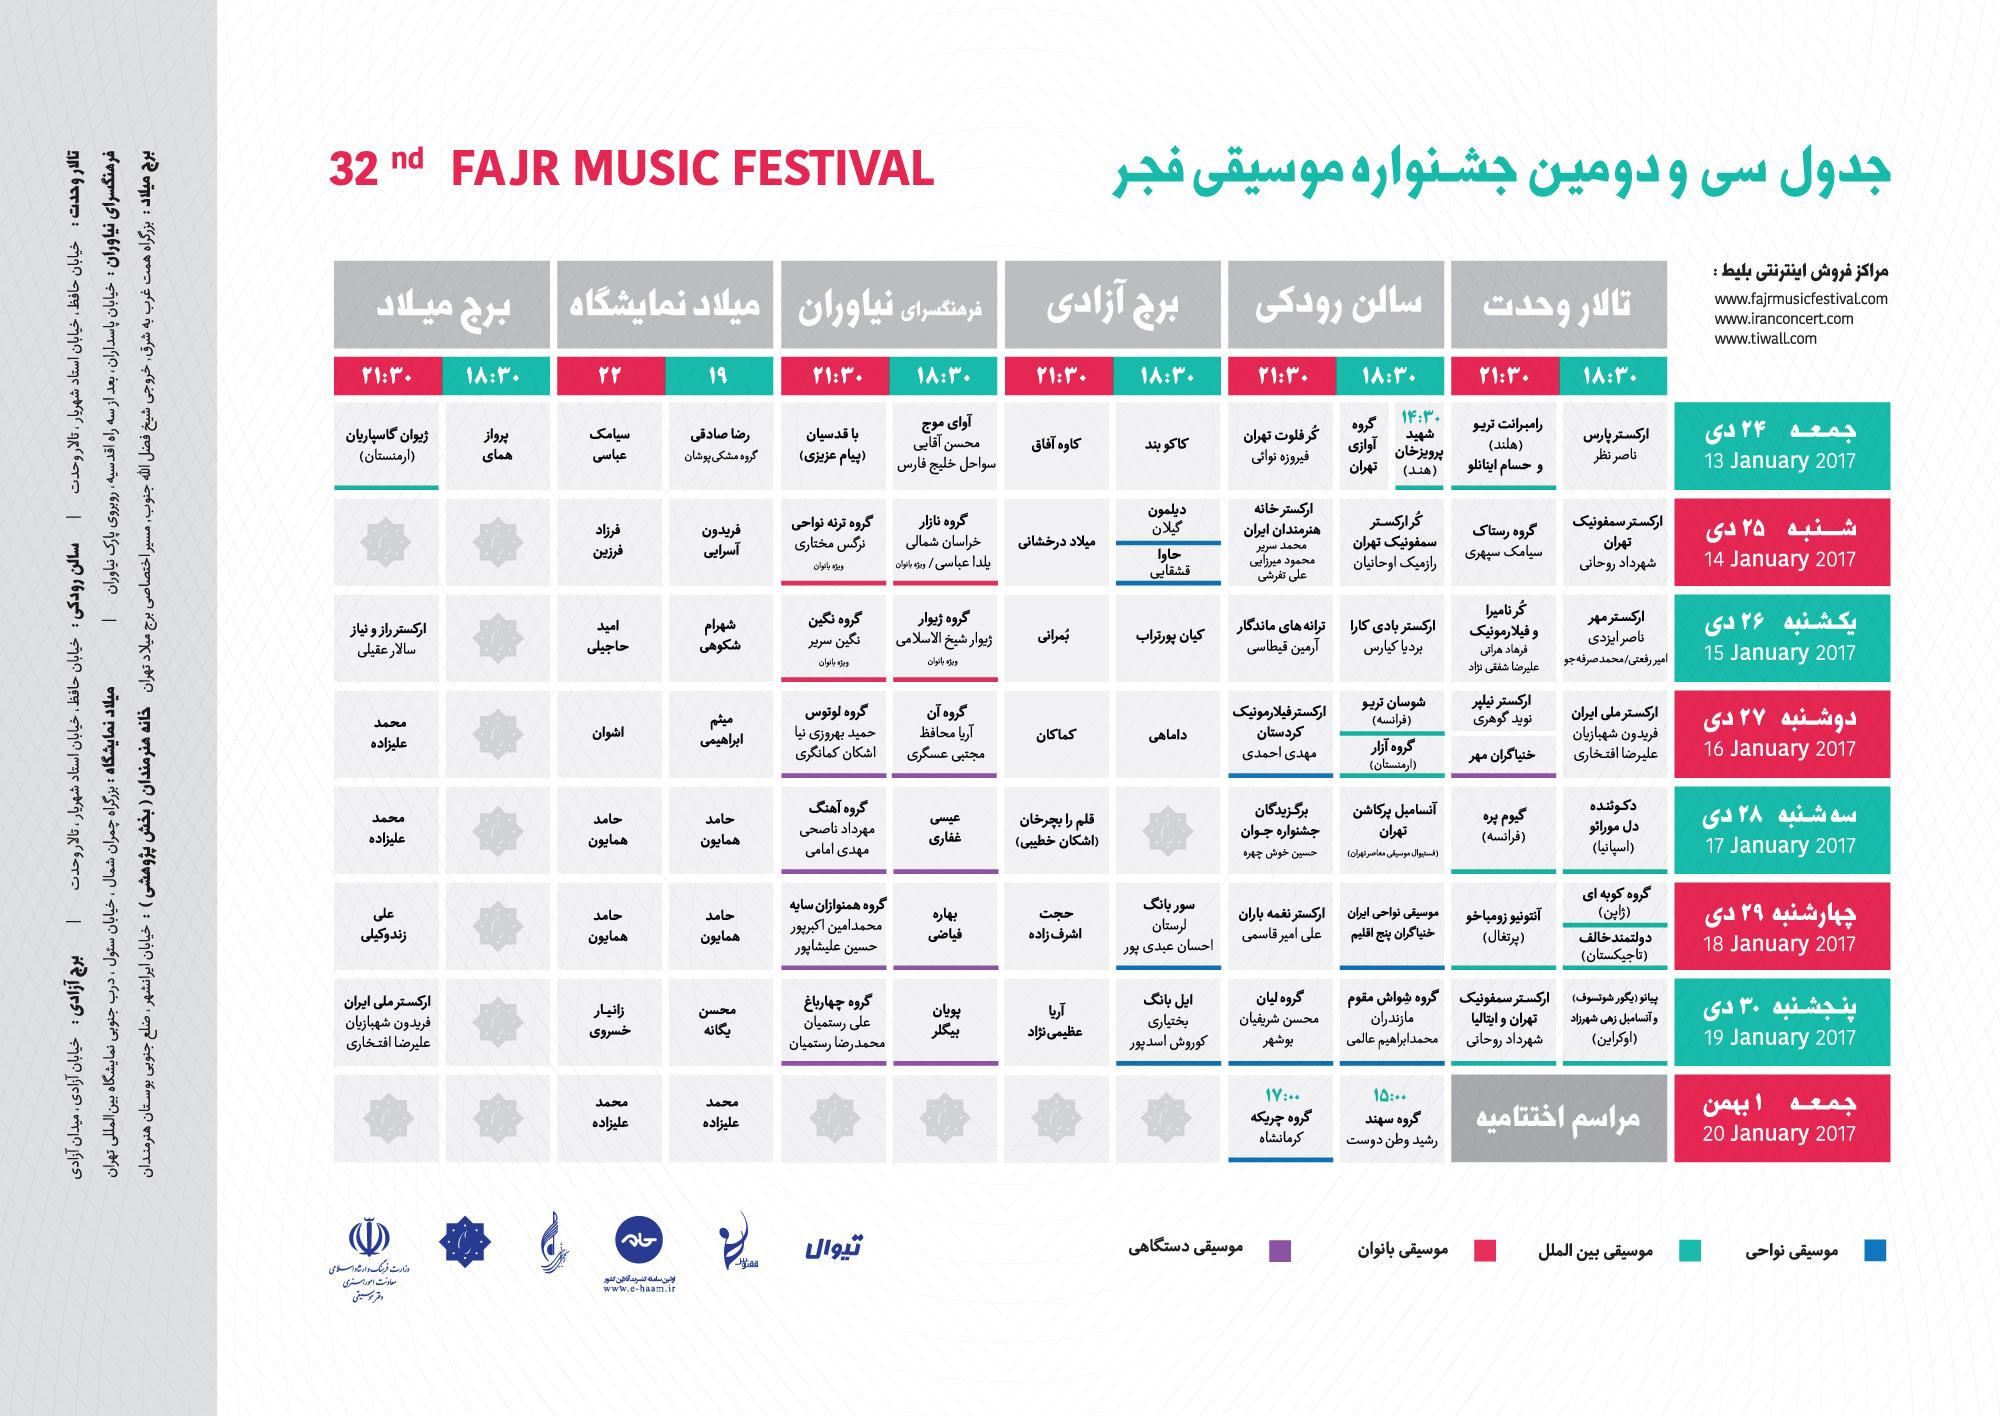 جشنواره موسیقی فجر آغاز می شود + جدول کنسرت ها